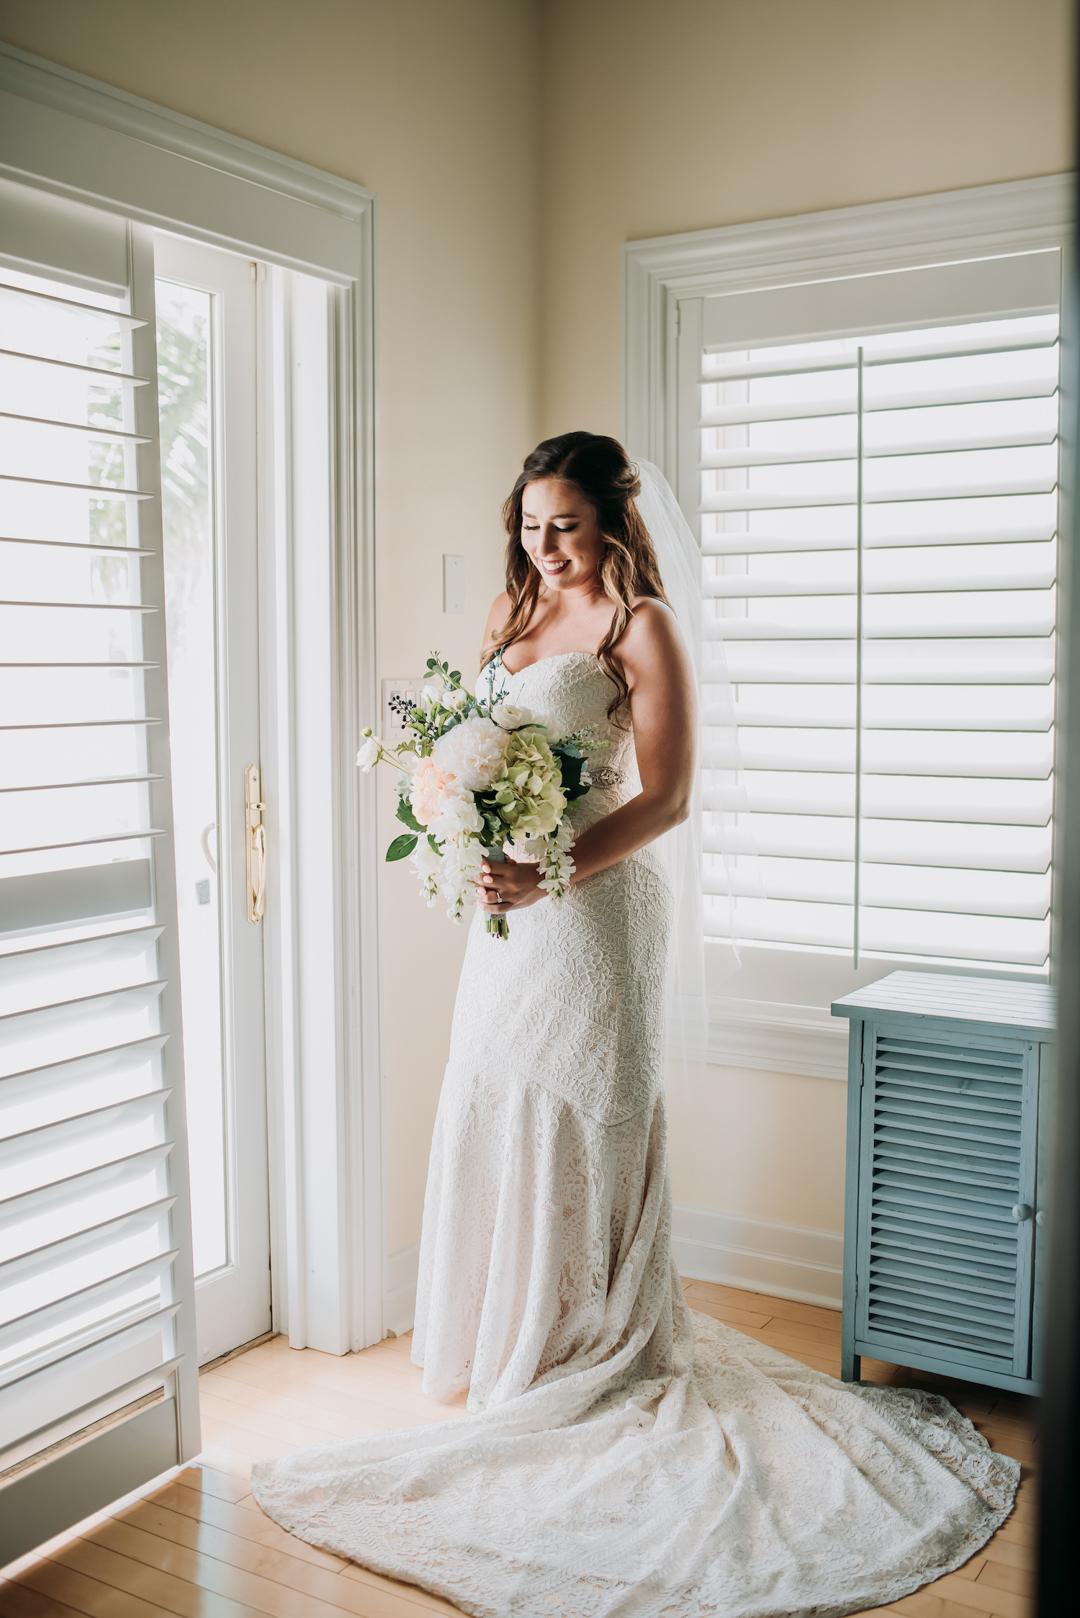 honeymoon-island-wedding-anastasia-noel-28.jpg